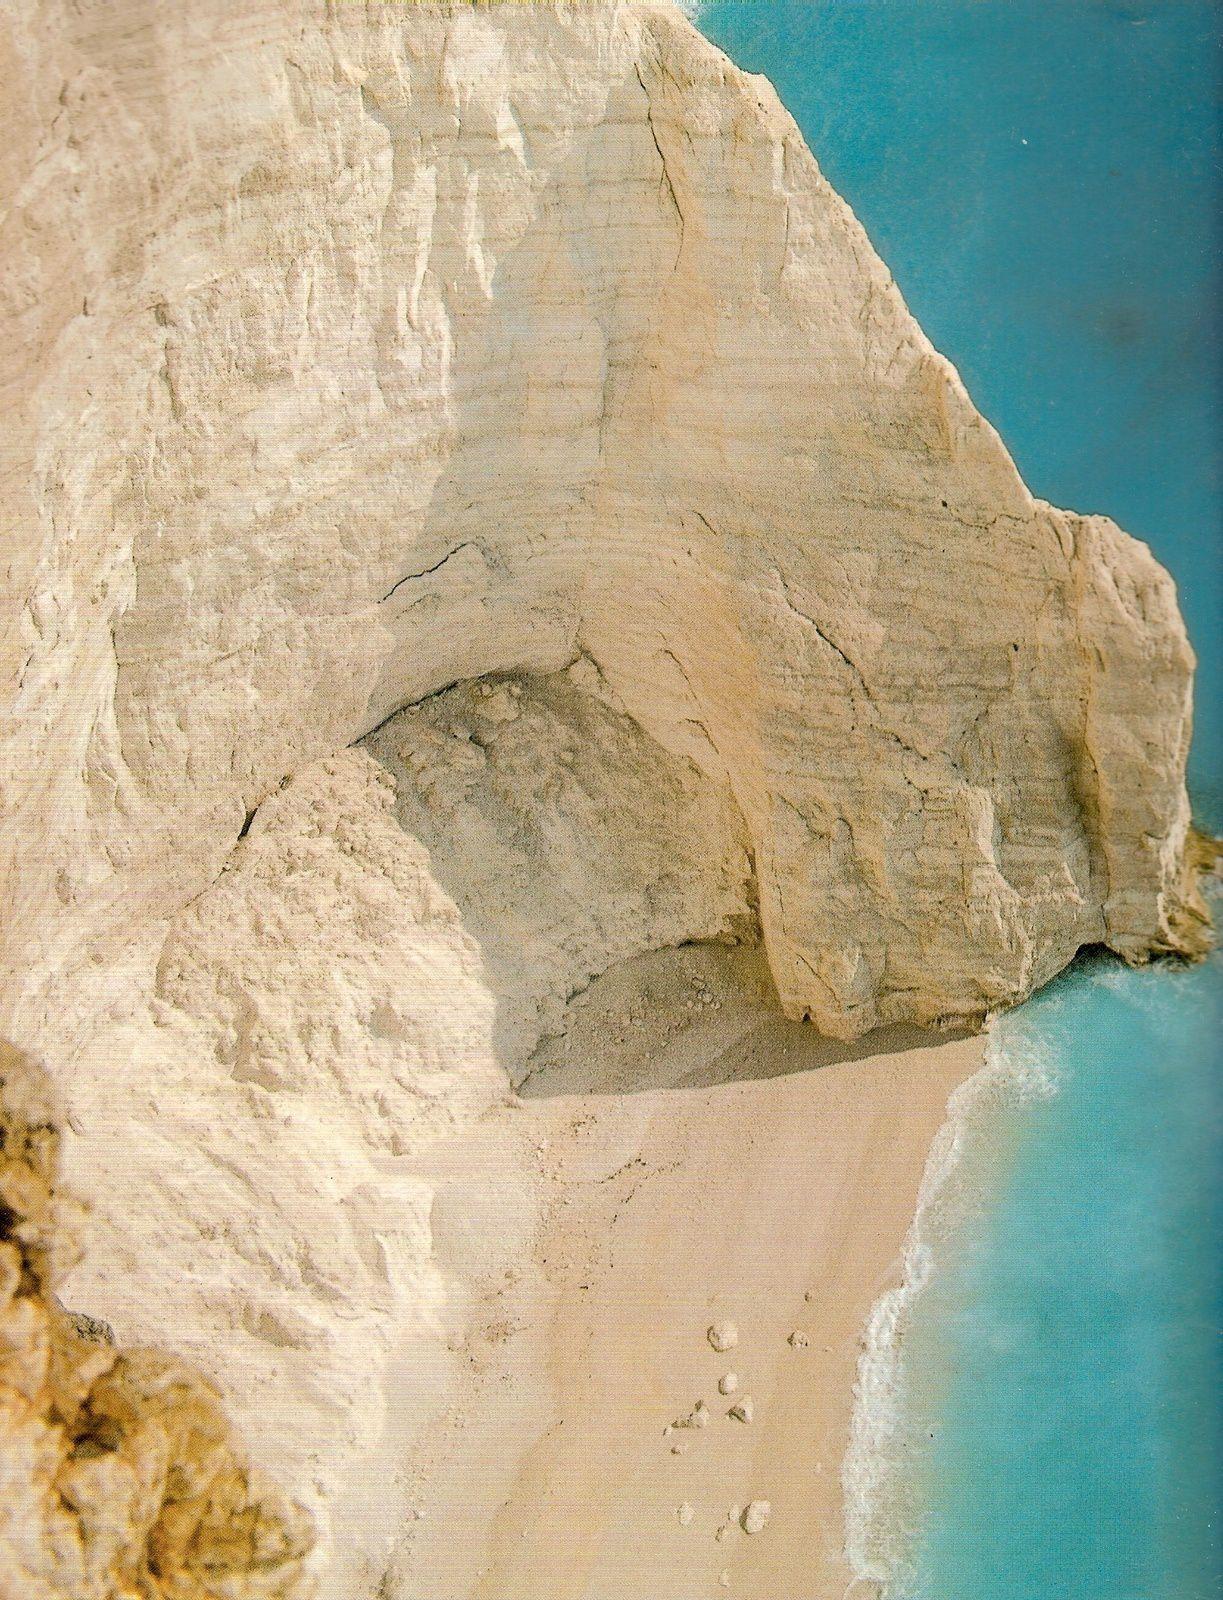 Ces rochers abrupts qui tombent à pic dans la mer sont situés sur la côte occidentale de l'île de Zante, que le poète Foscolo célébra dans des vers célèbres.